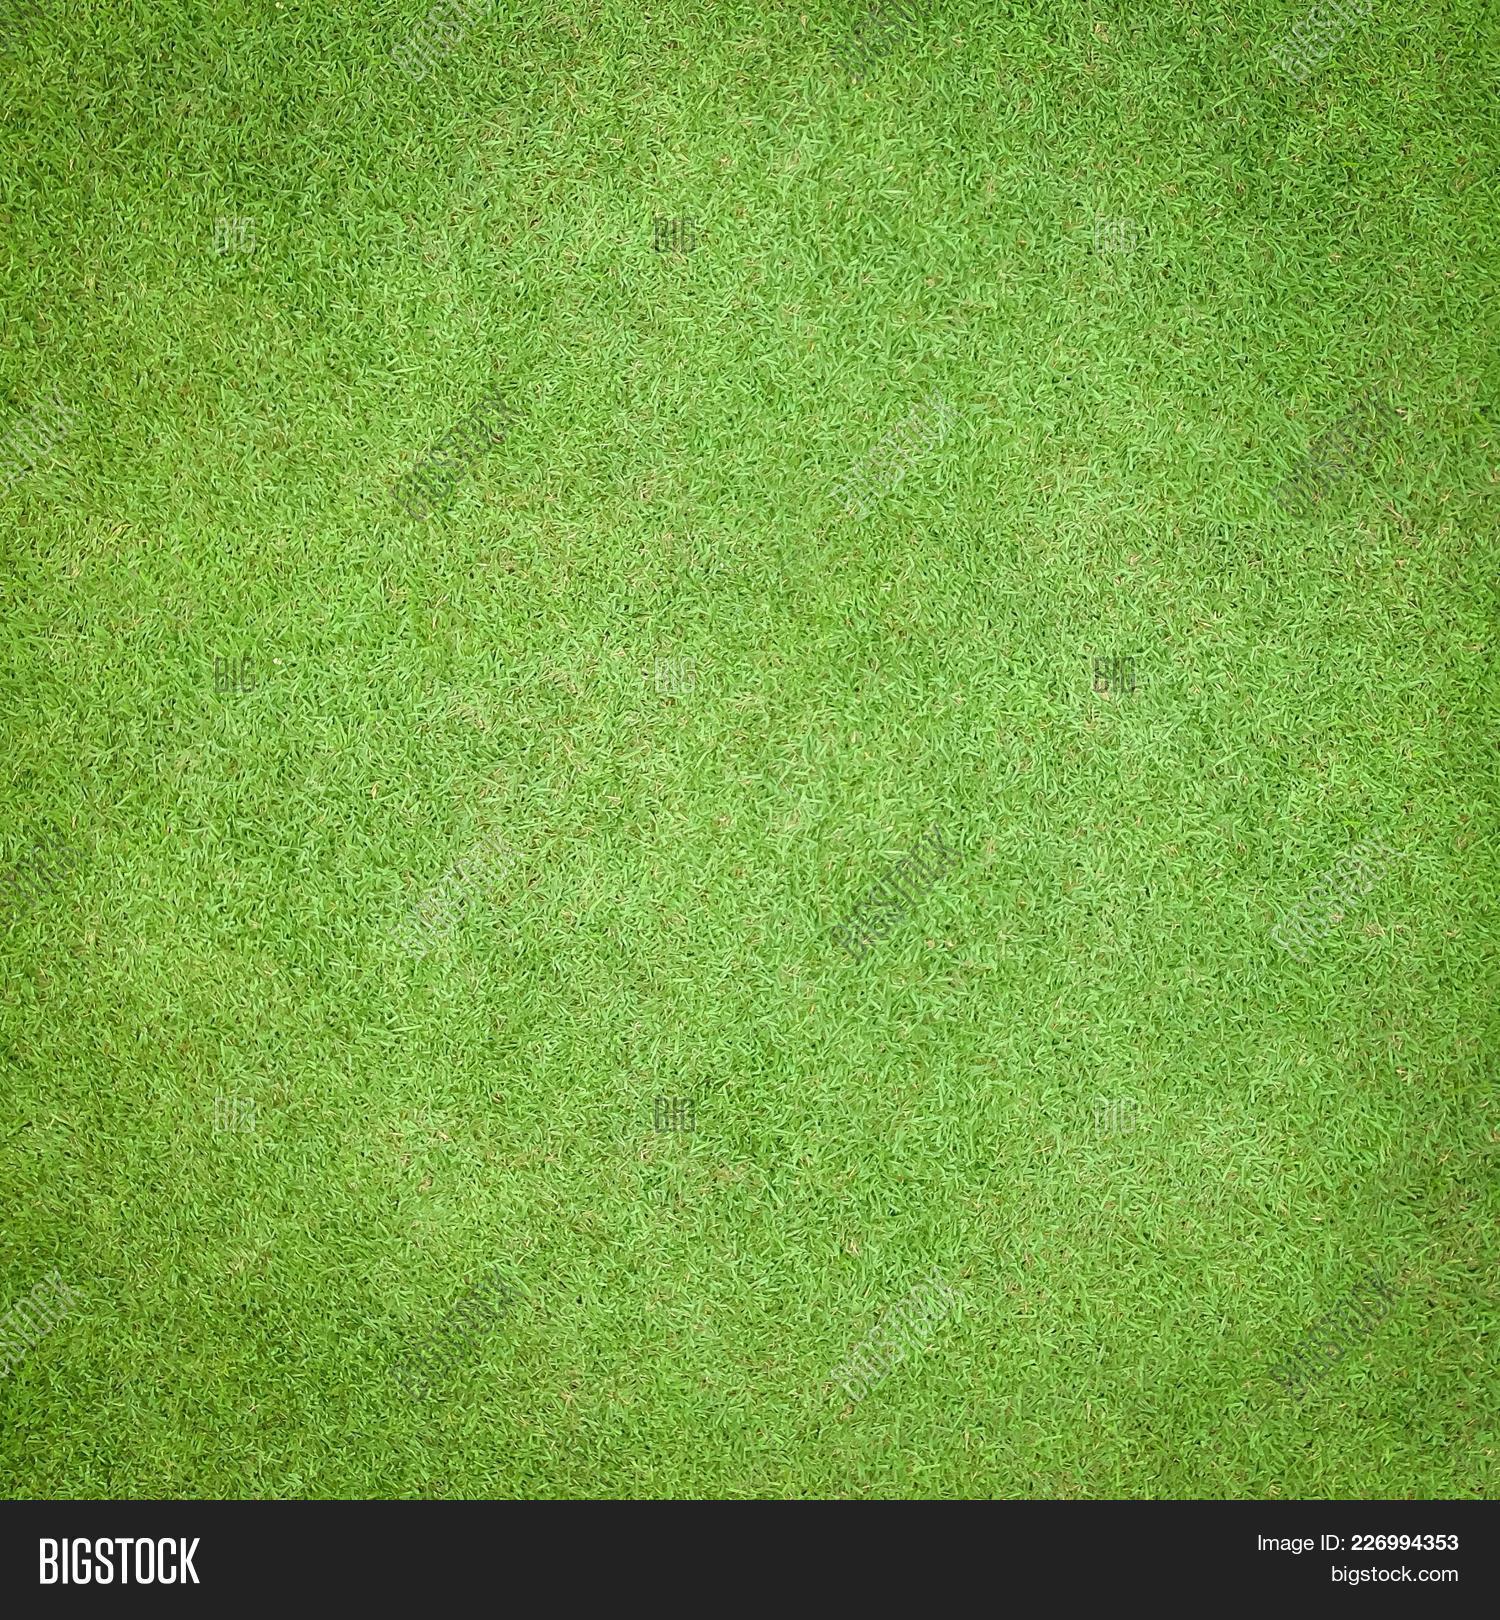 Golf grass top view